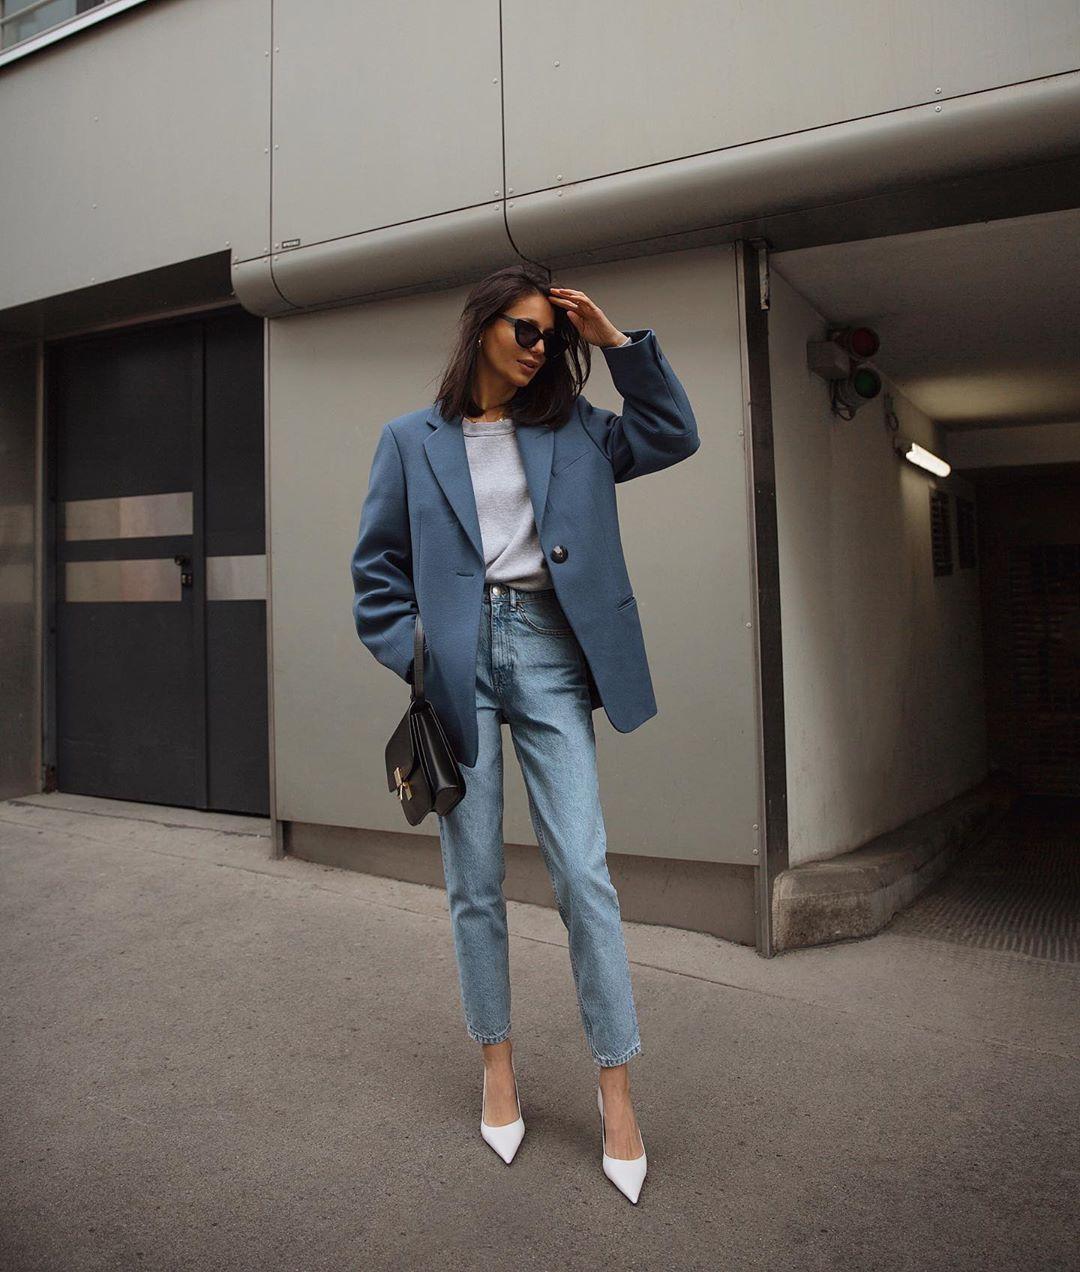 cô gái tóc ngắn phối đồ layer với blazer xanh áo trắng